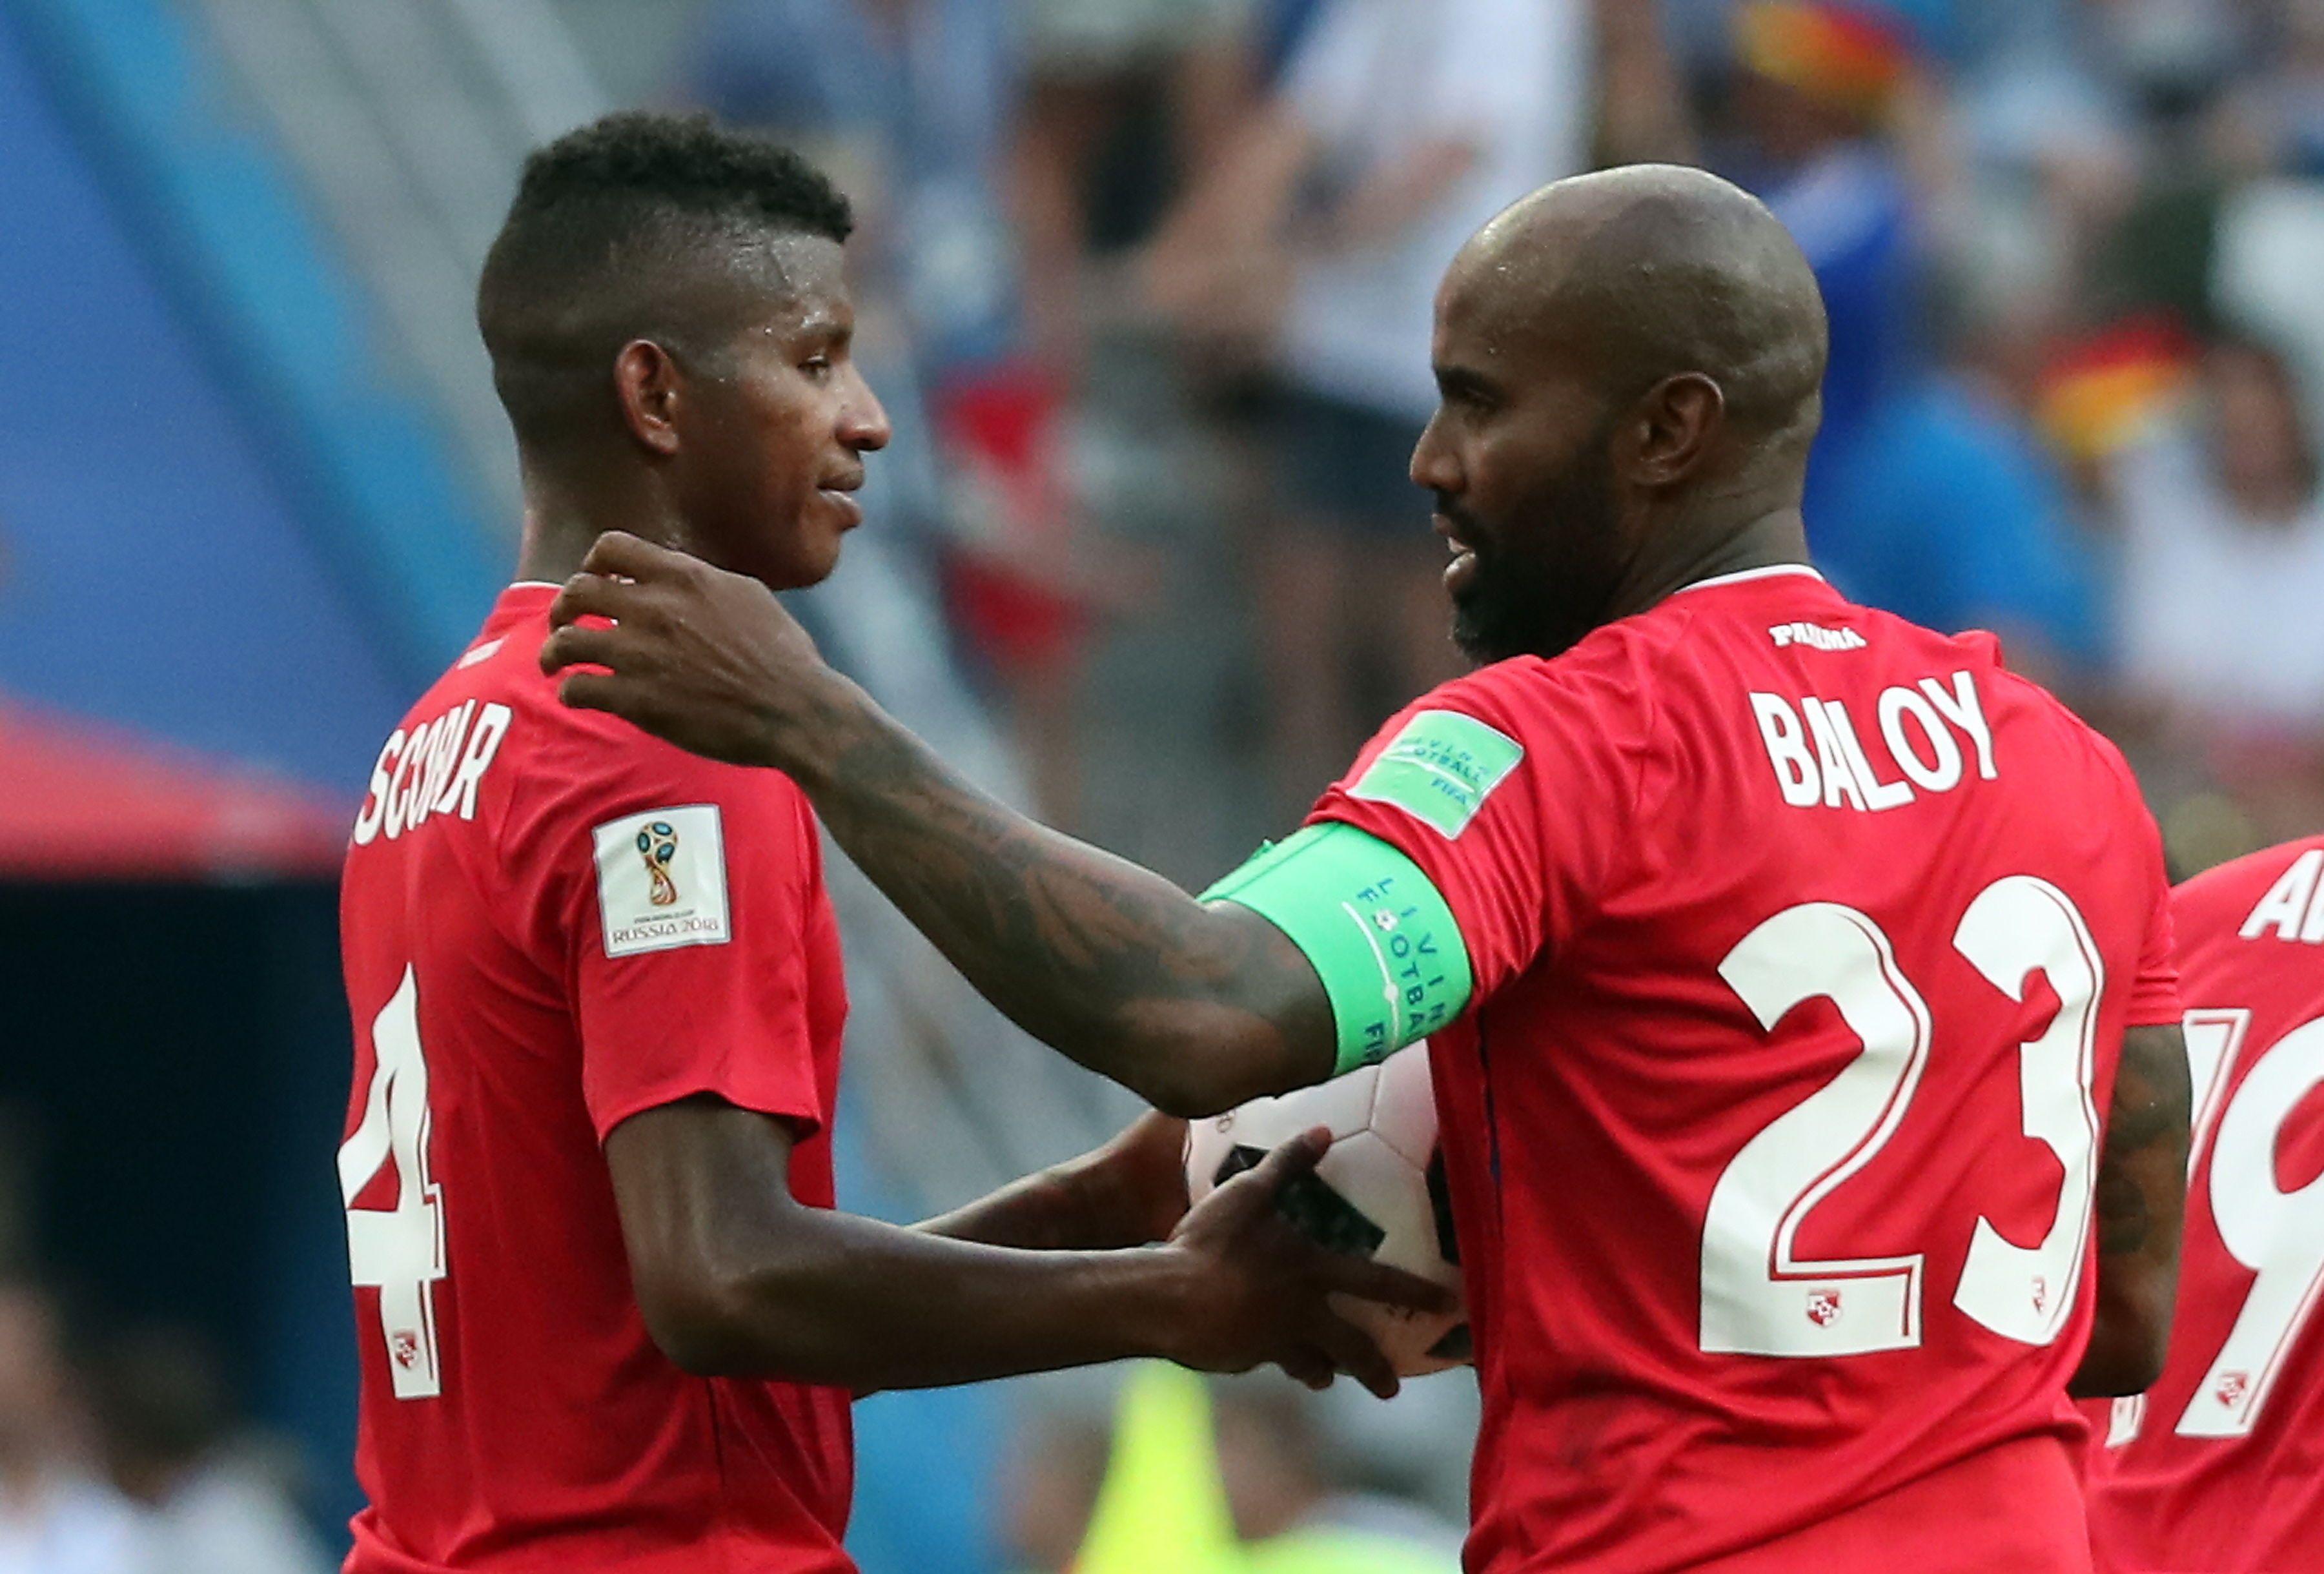 Baloy celebra el primer gol de Panamá en una Copa del Mundo. Foto: EFE